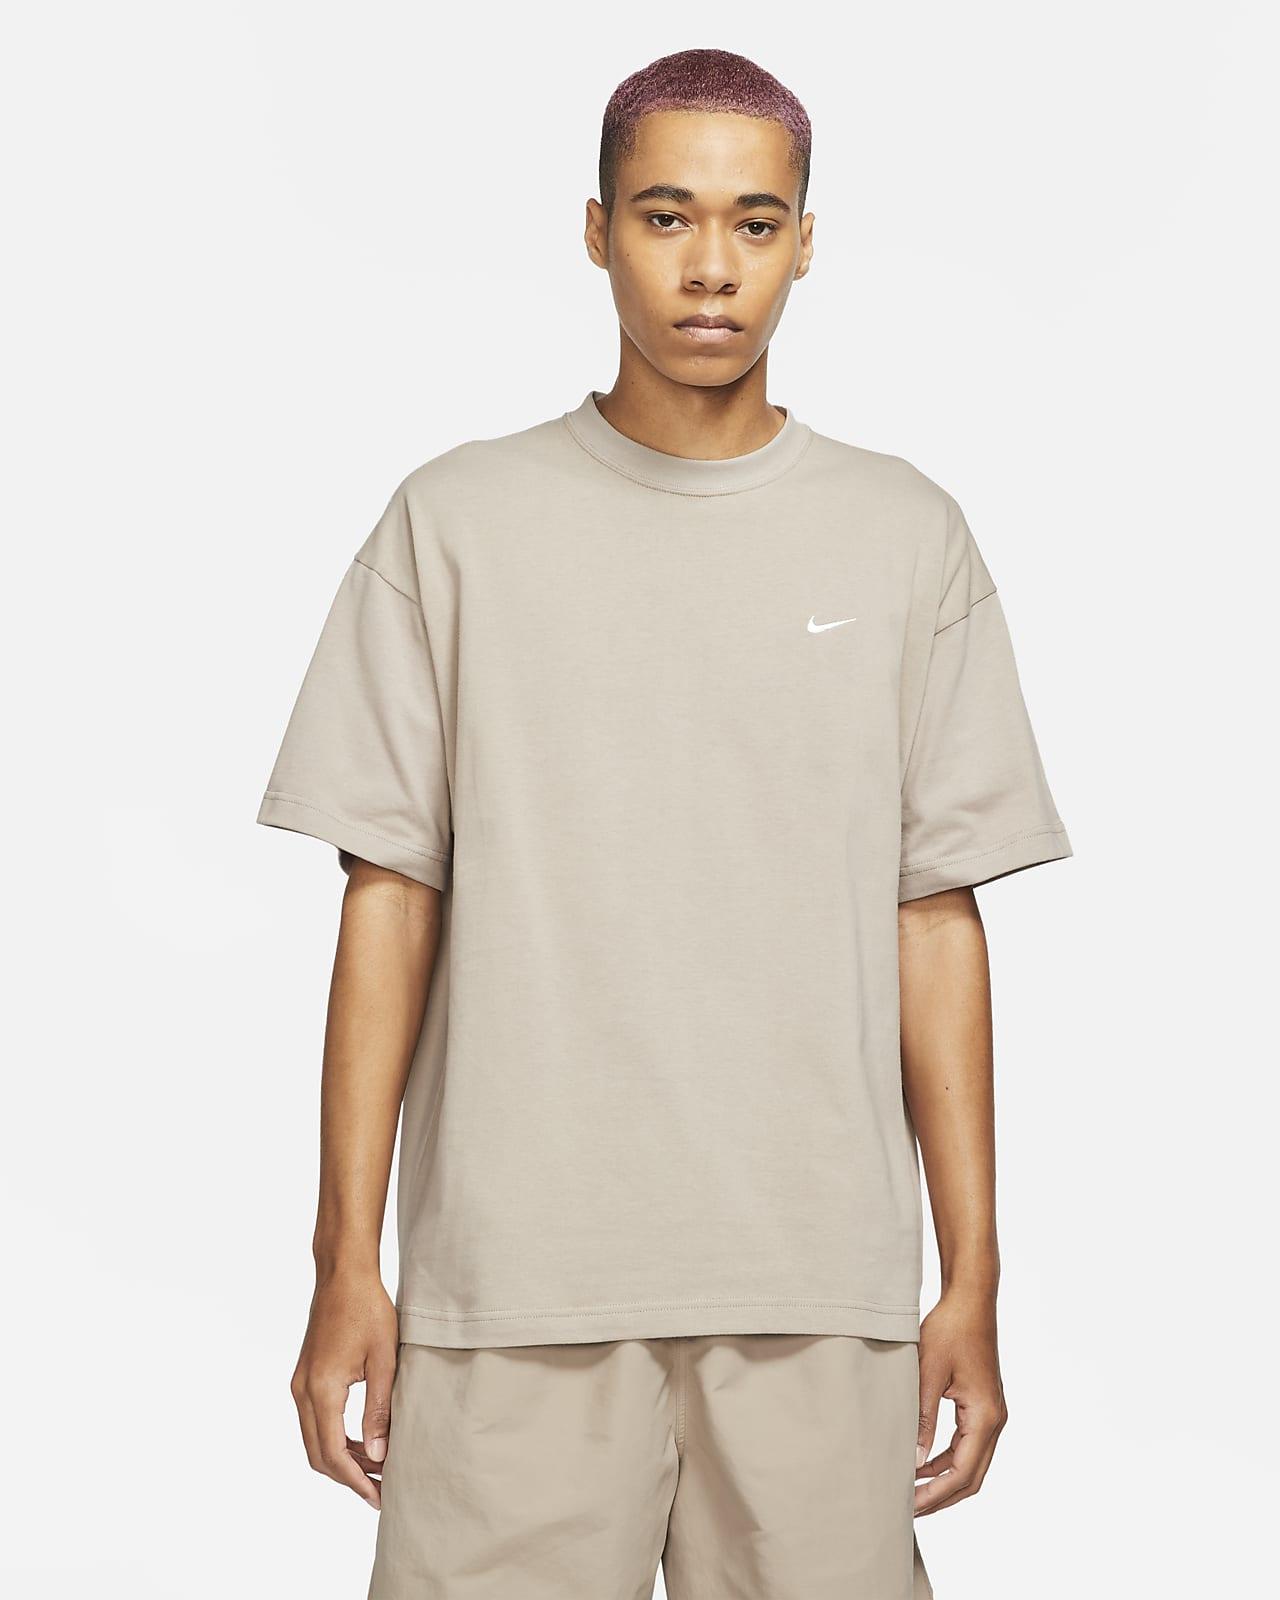 ナイキ ソロ スウッシュ メンズ Tシャツ